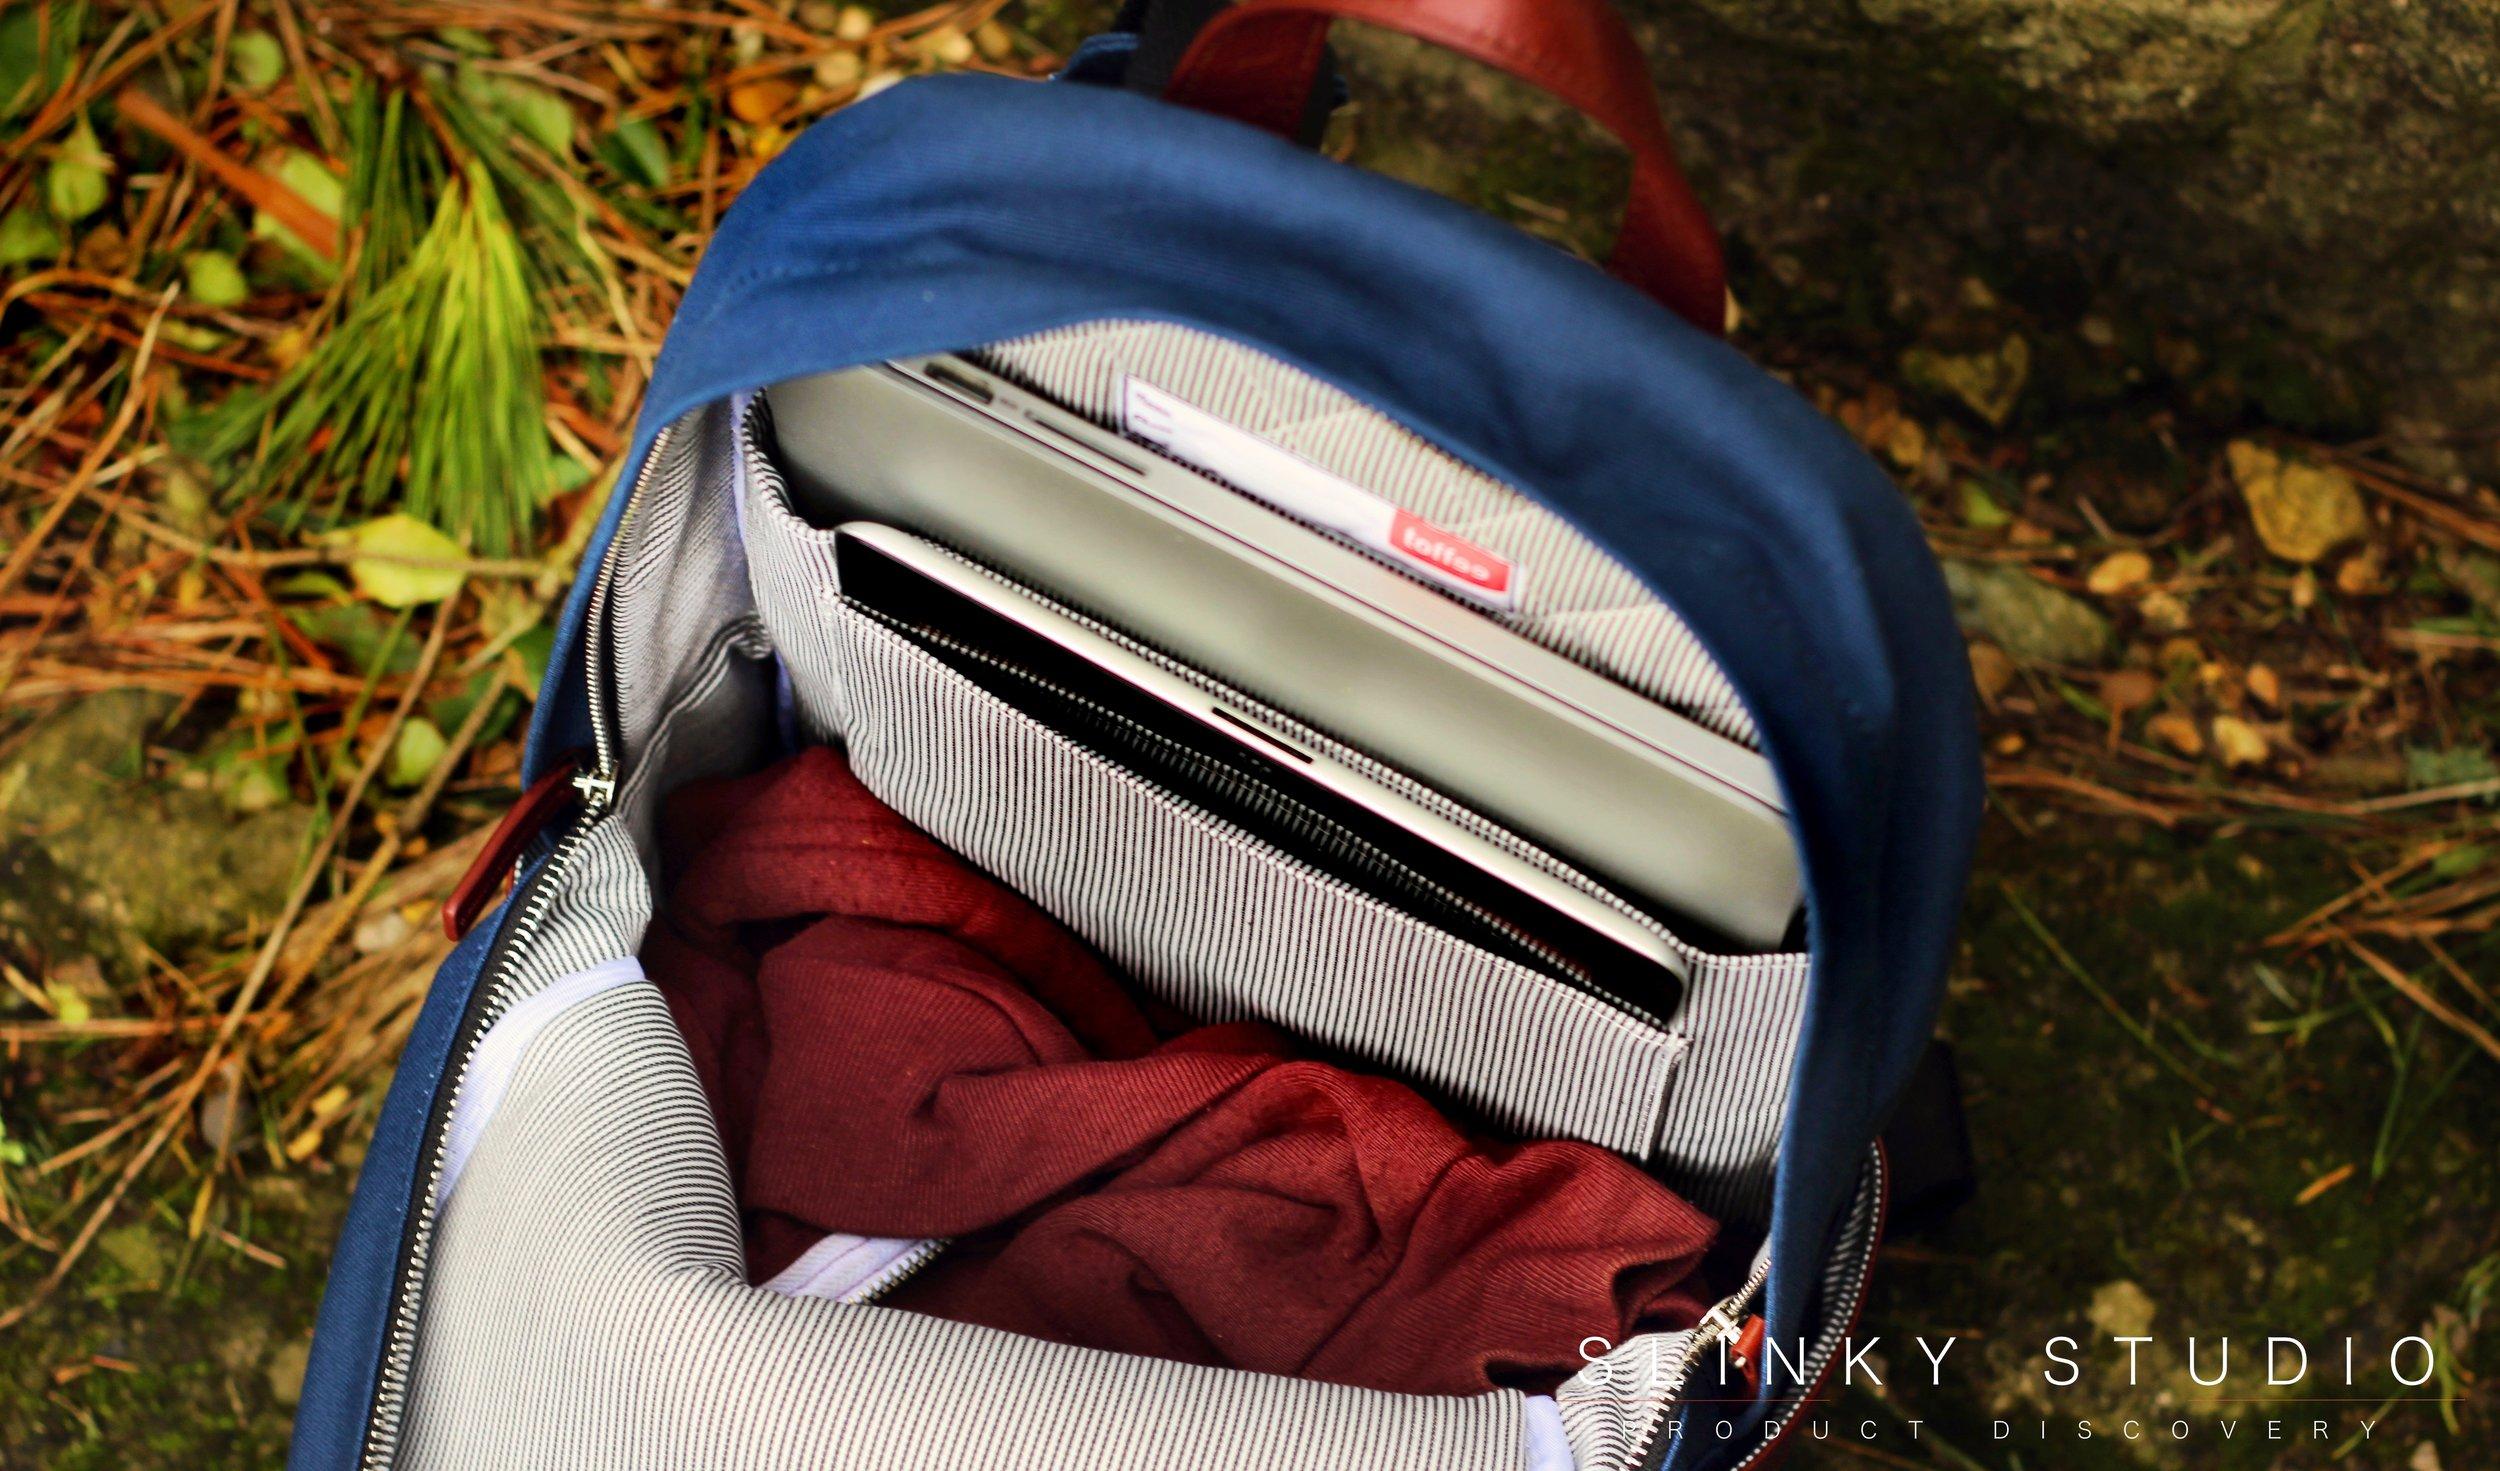 Toffee Berlin Backpack Interior Space Capacity.jpg